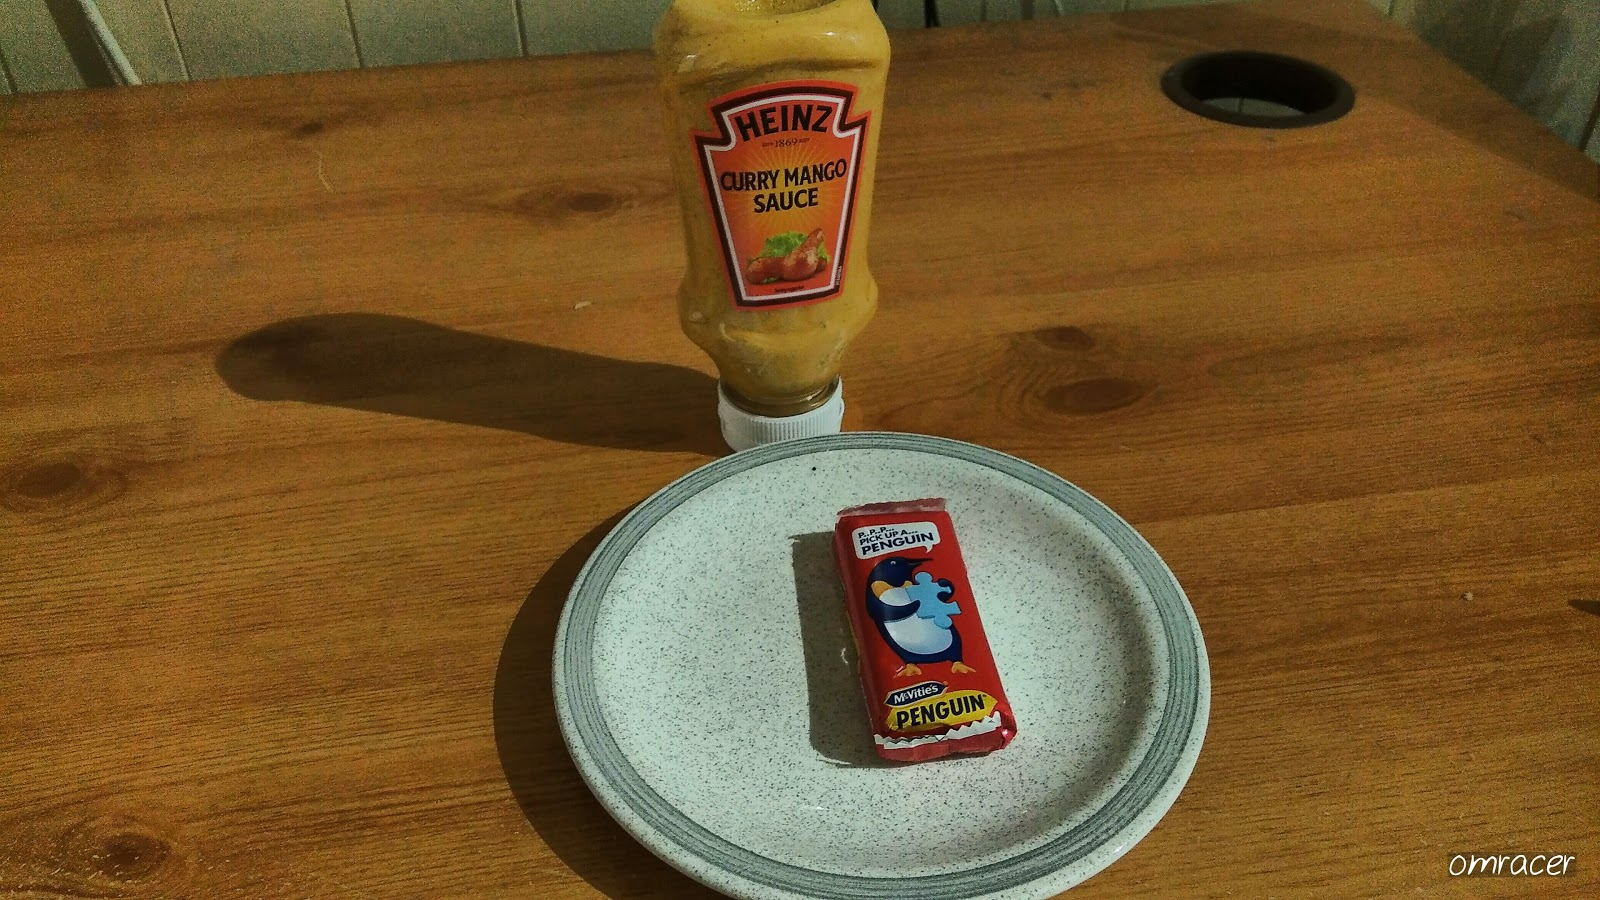 Omracer Reviews Heinz Curry Mango Sauce